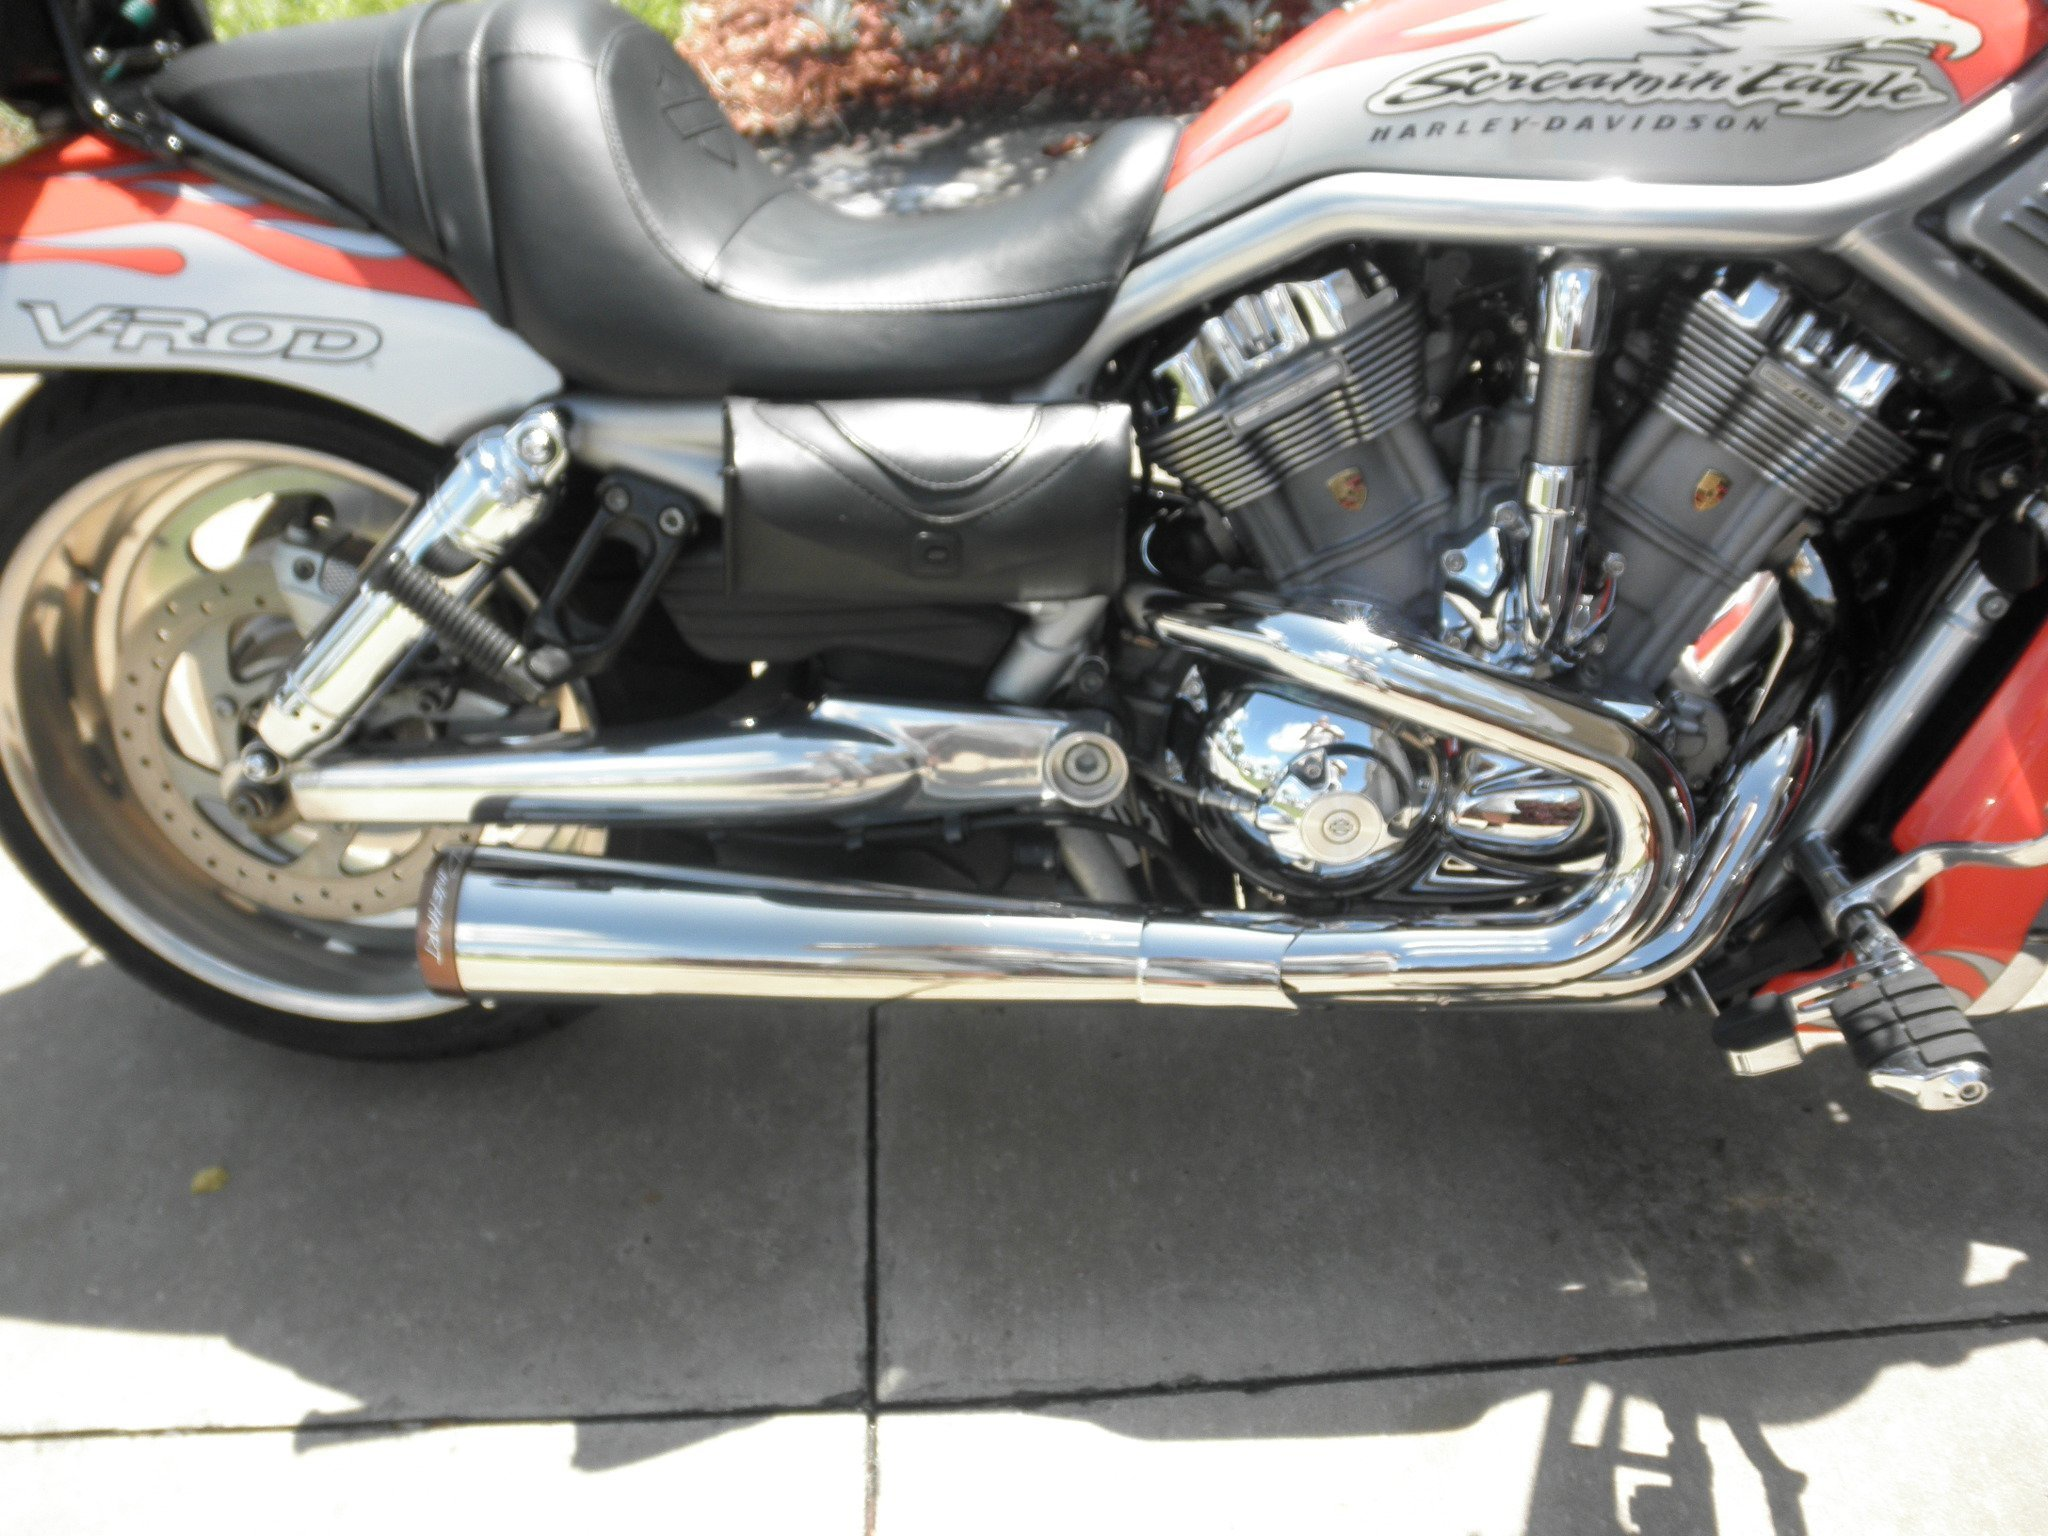 rinehart 2 1 exhaust chrome 425 s h